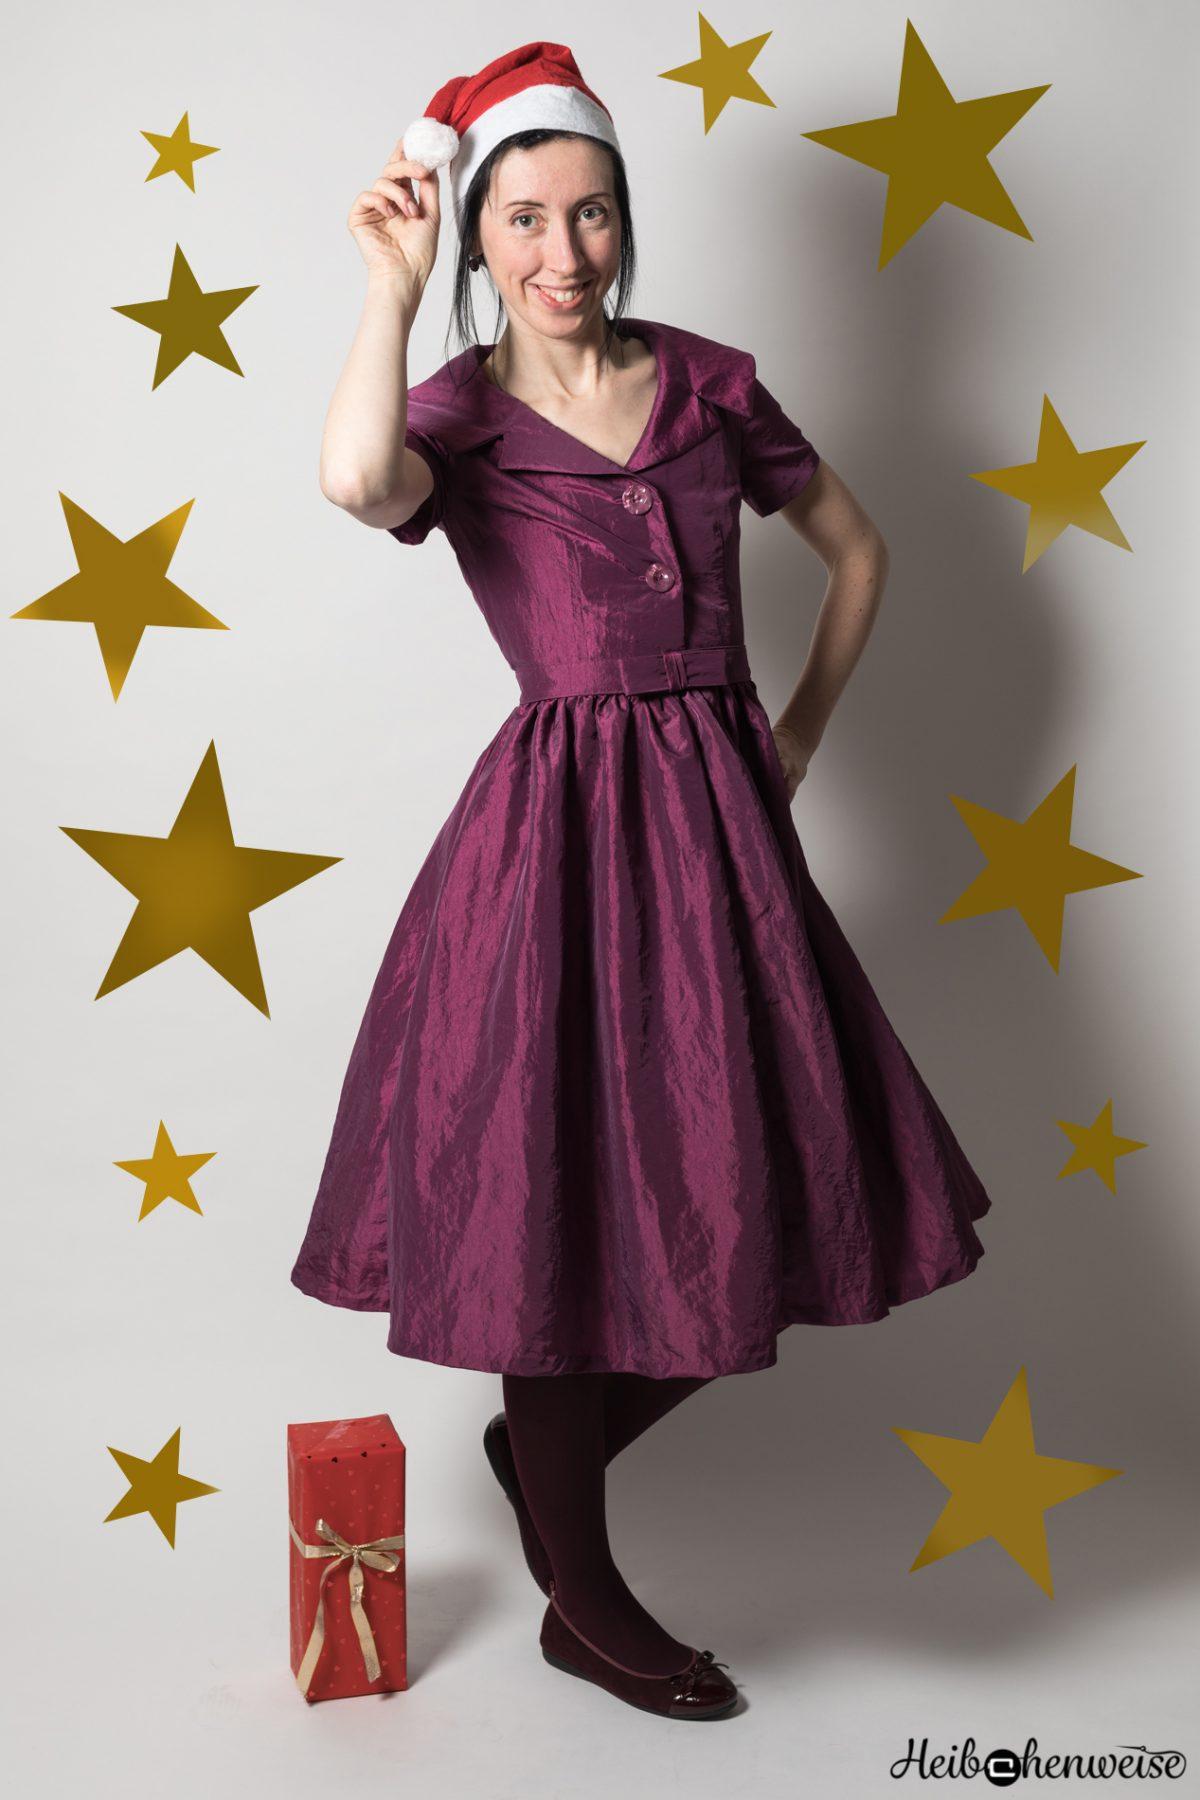 Ring, Ring, Ring – Christmas! Lalala, und ein schönes Kleid!